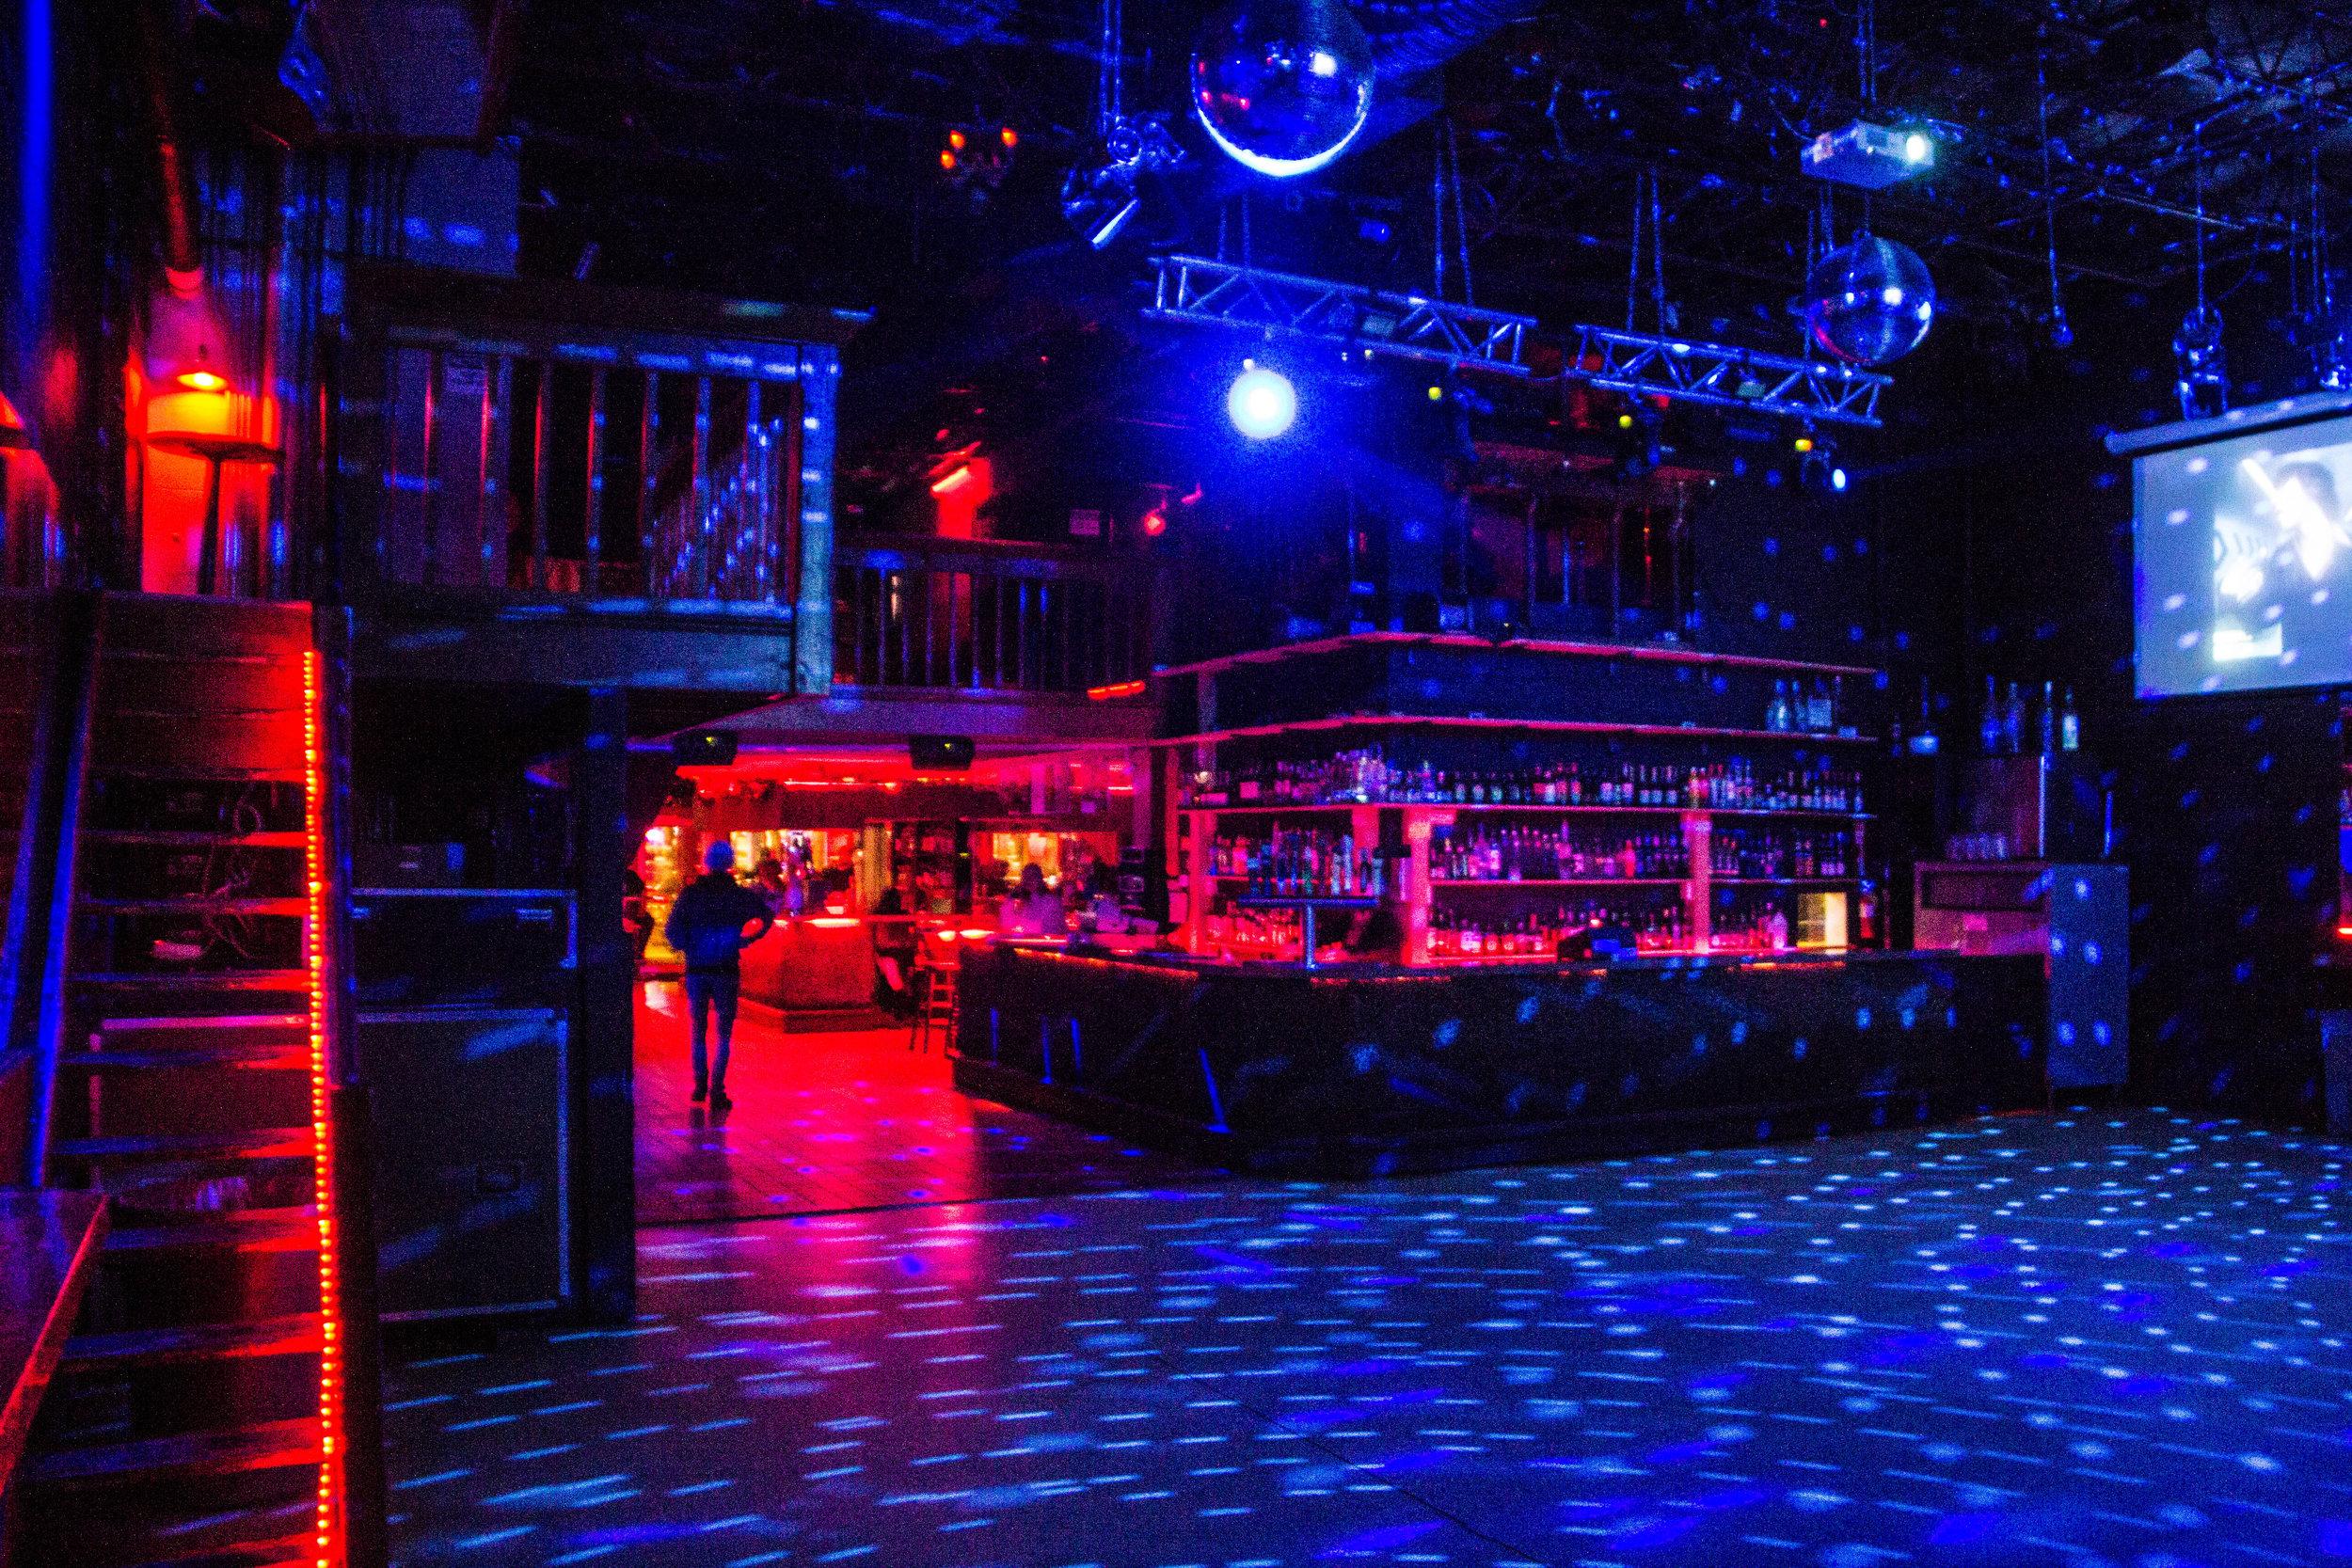 skully's-music-diner-columbus-nightlife-2.jpg